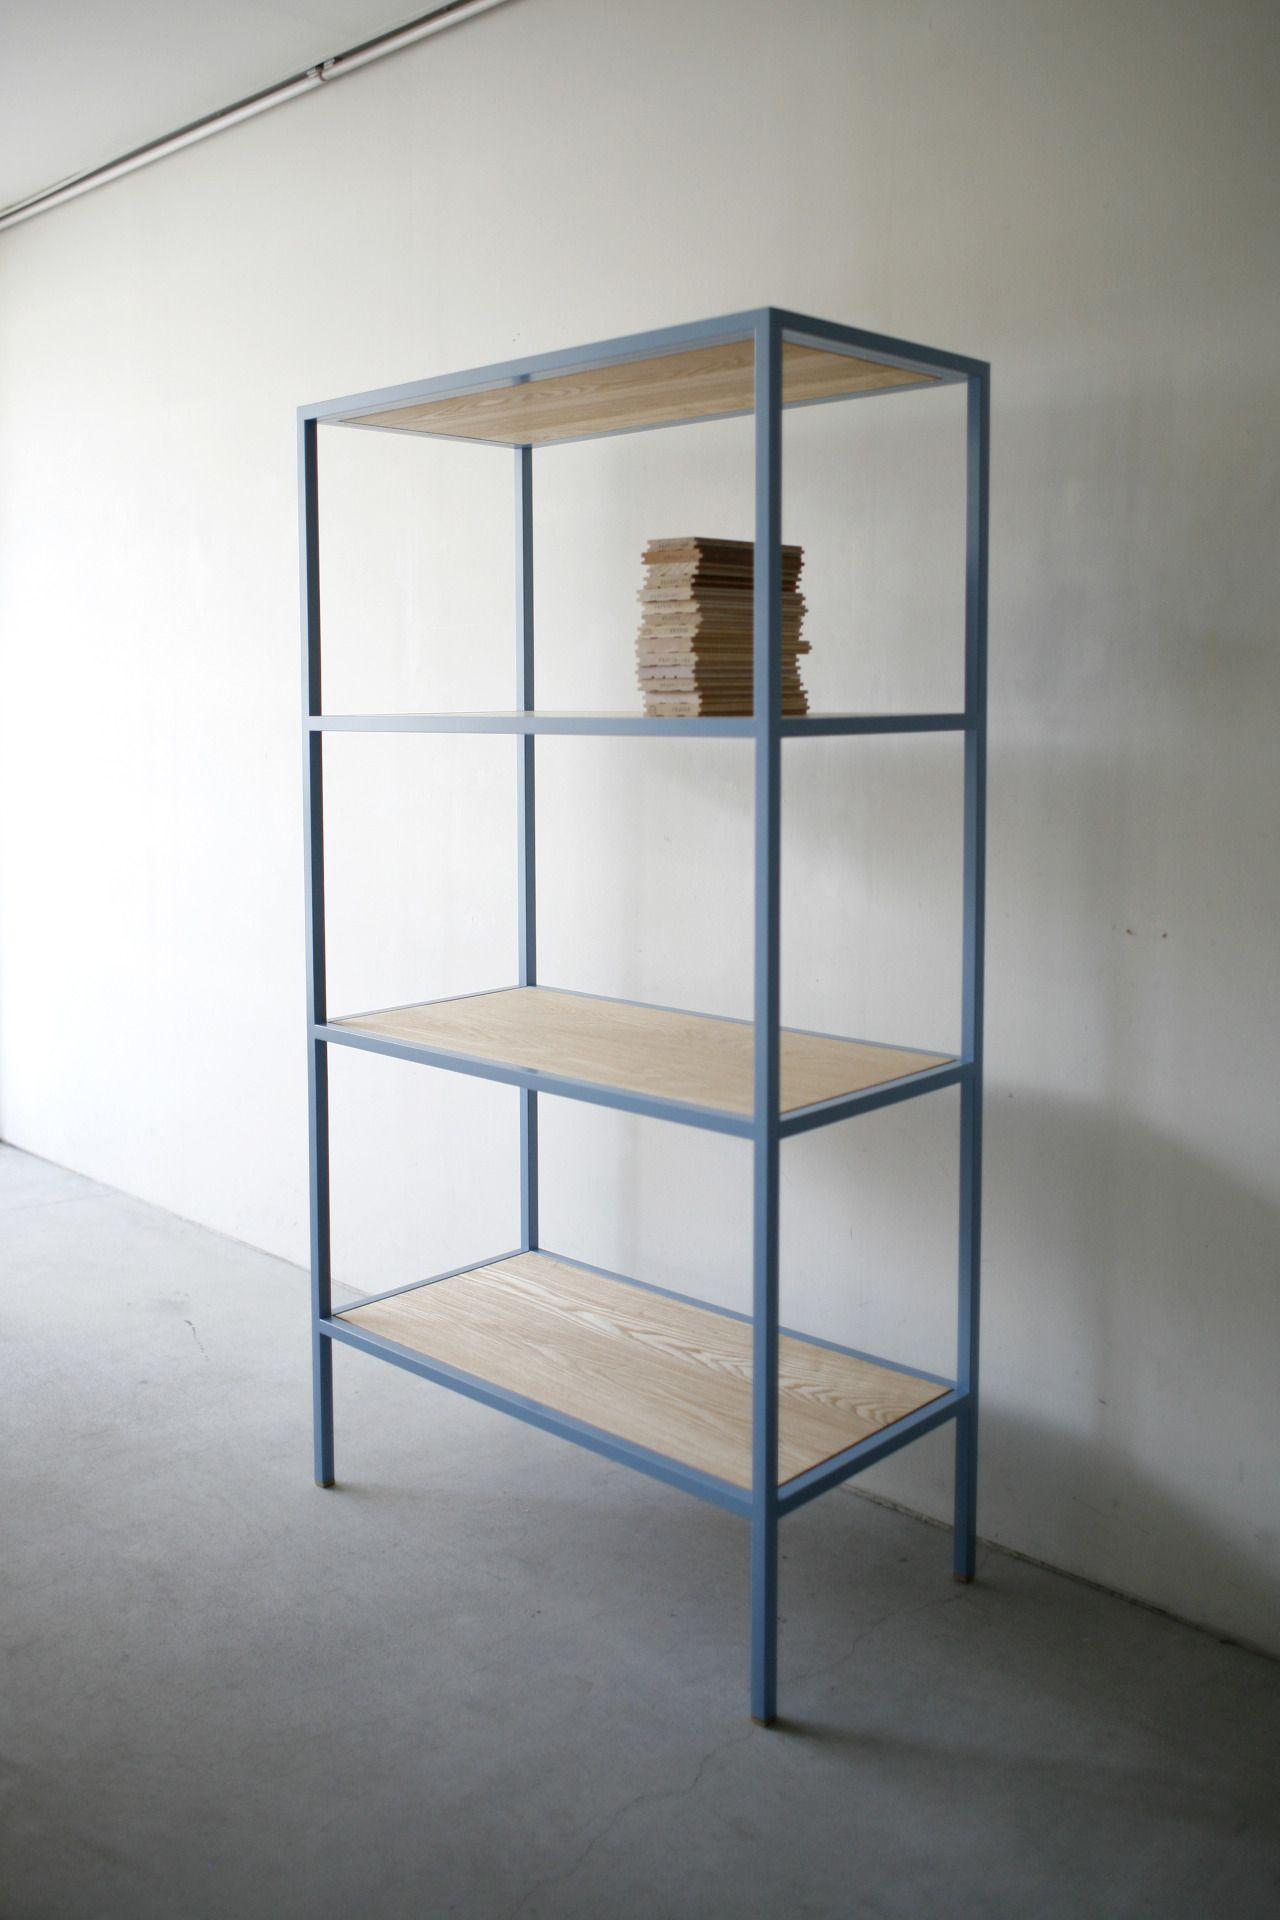 Les 25 meilleures id es de la cat gorie peindre meuble - Peinture pour meuble melamine ...